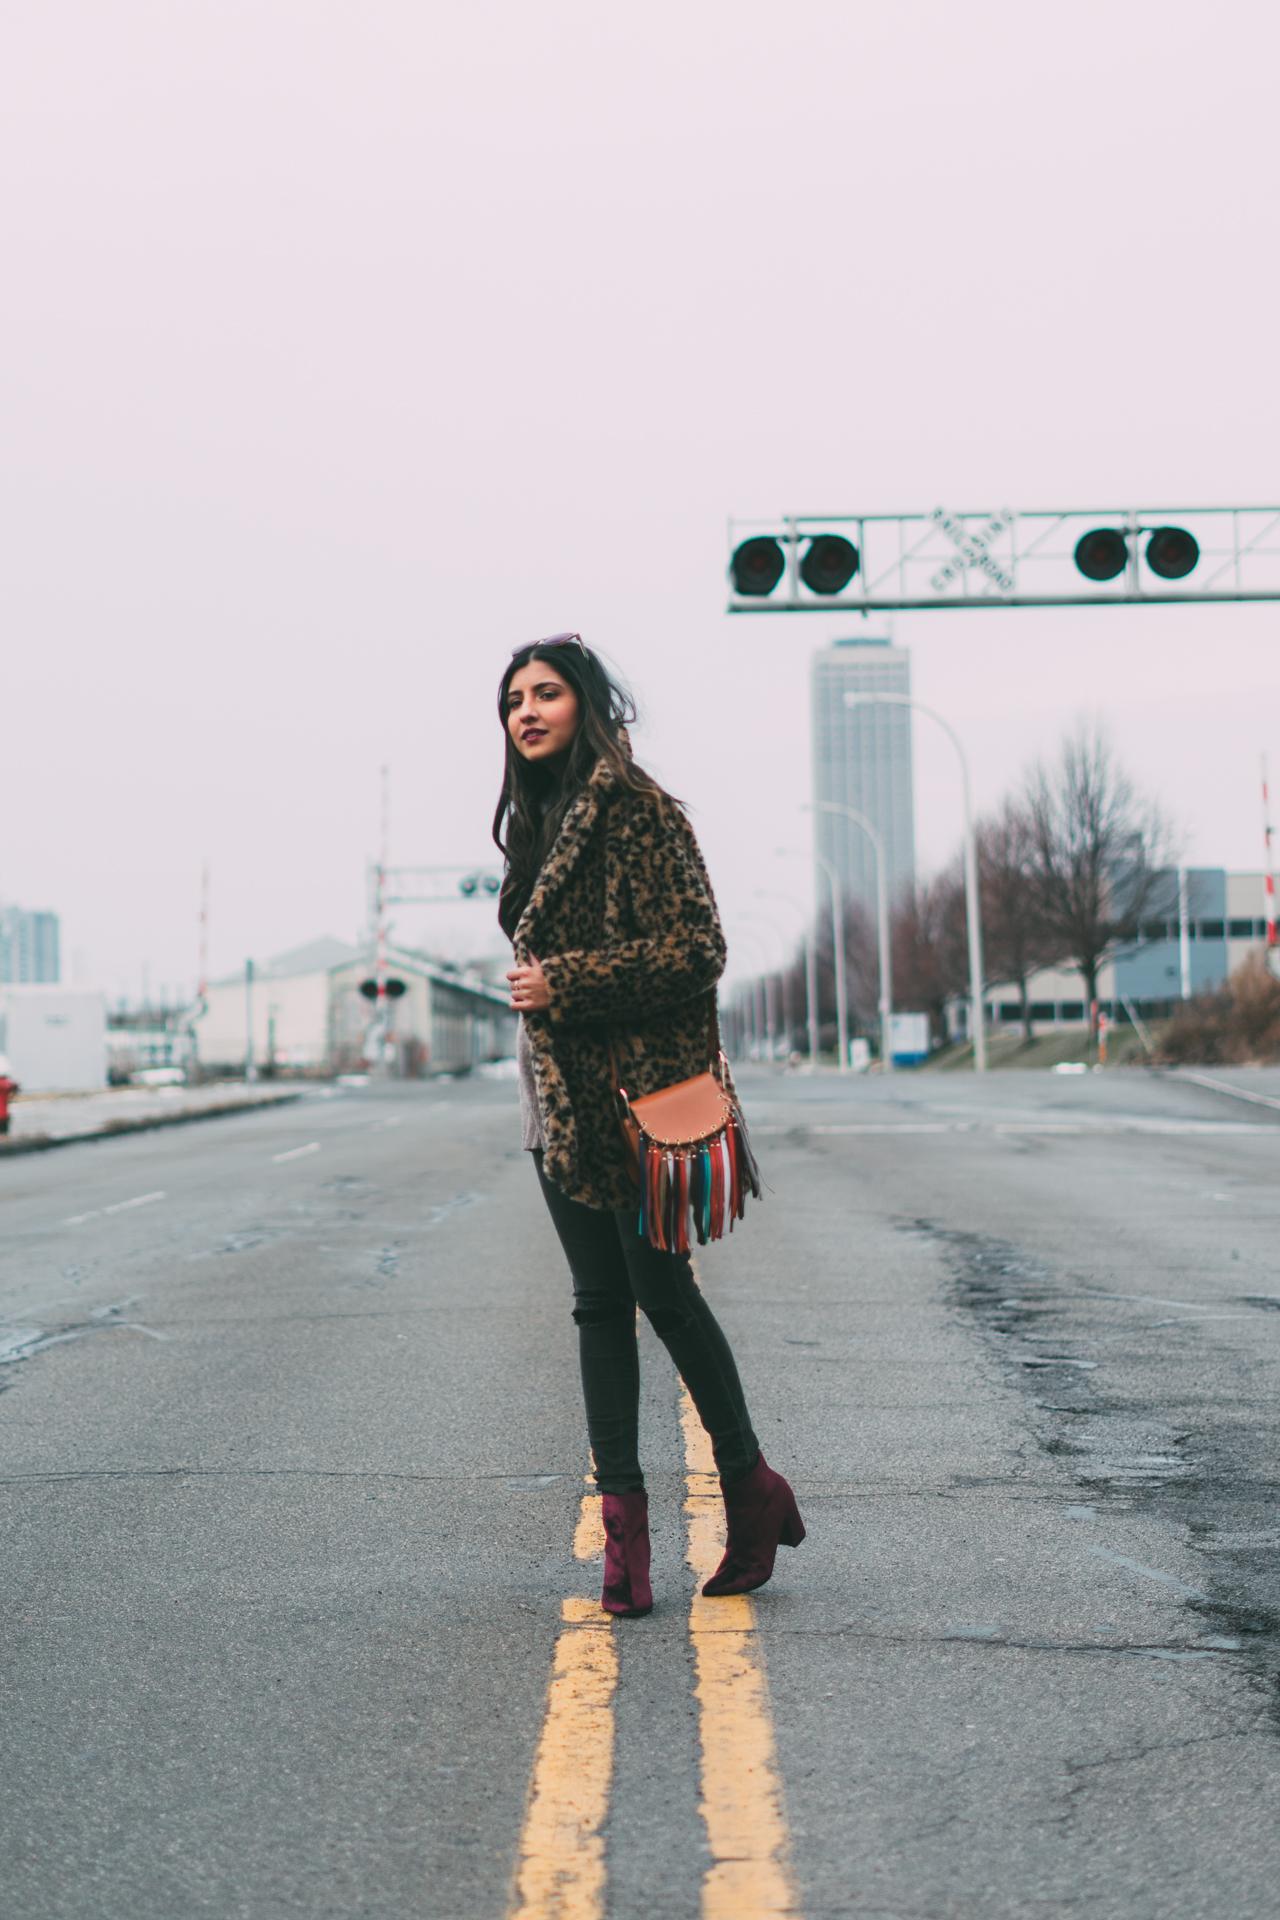 leopard-faux-fur-coat-velvet-boots-winter-style-blogger-outfit-boho-chic 3